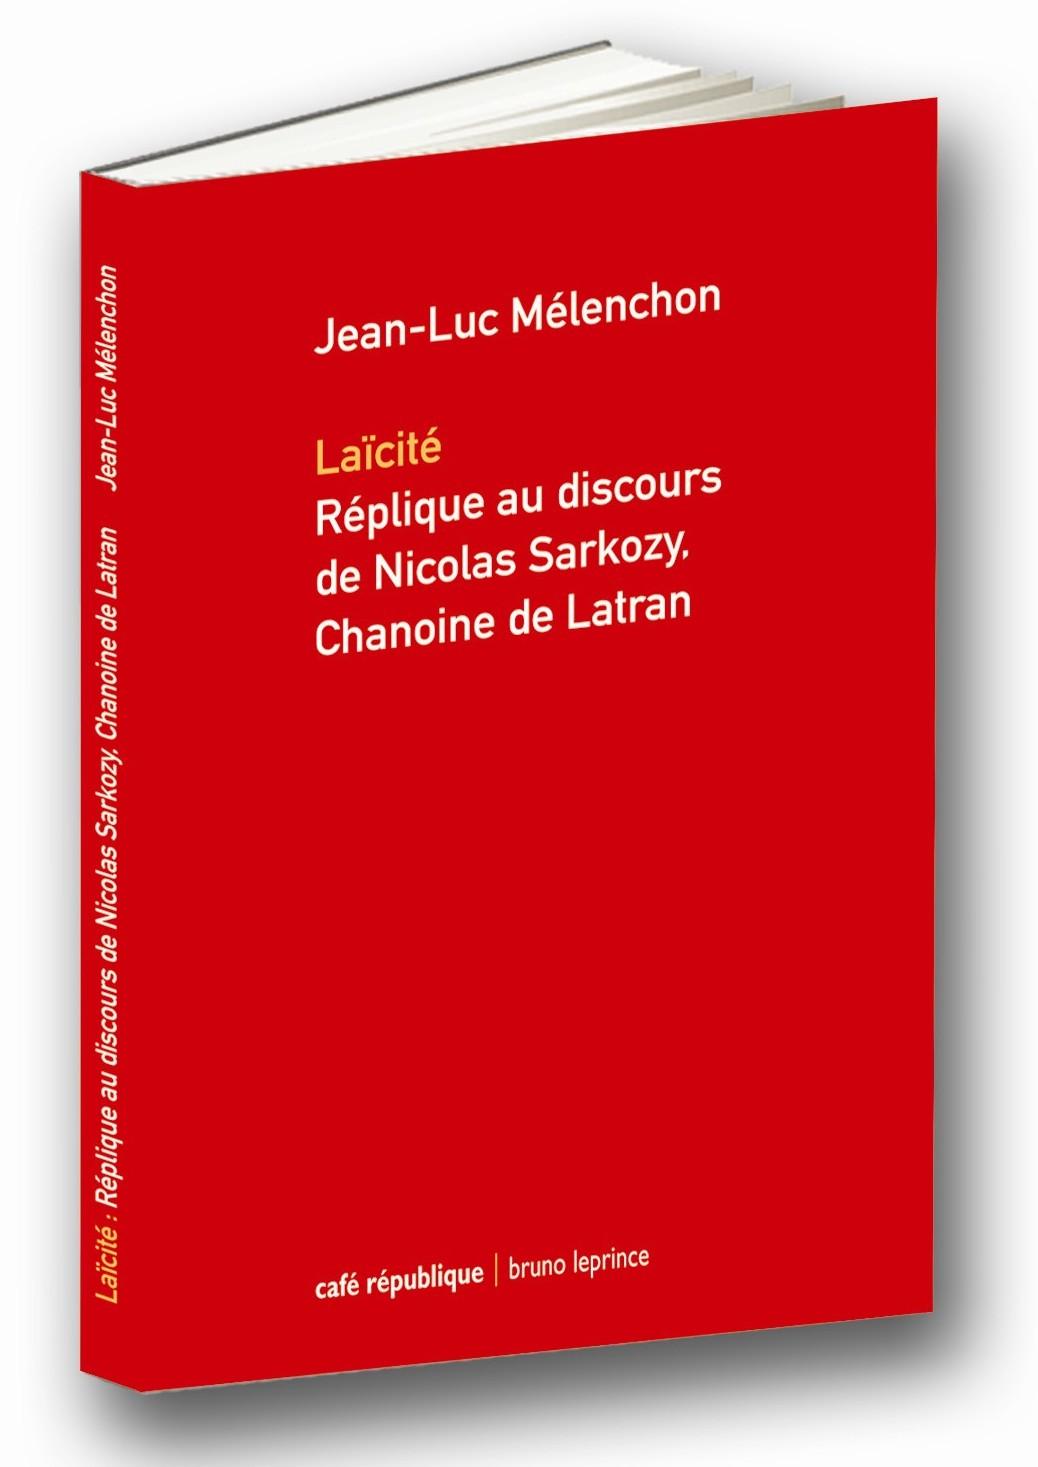 En cliquant sur l'image, téléchargez le bon de commande du livre de Jean-Luc Mélenchon.